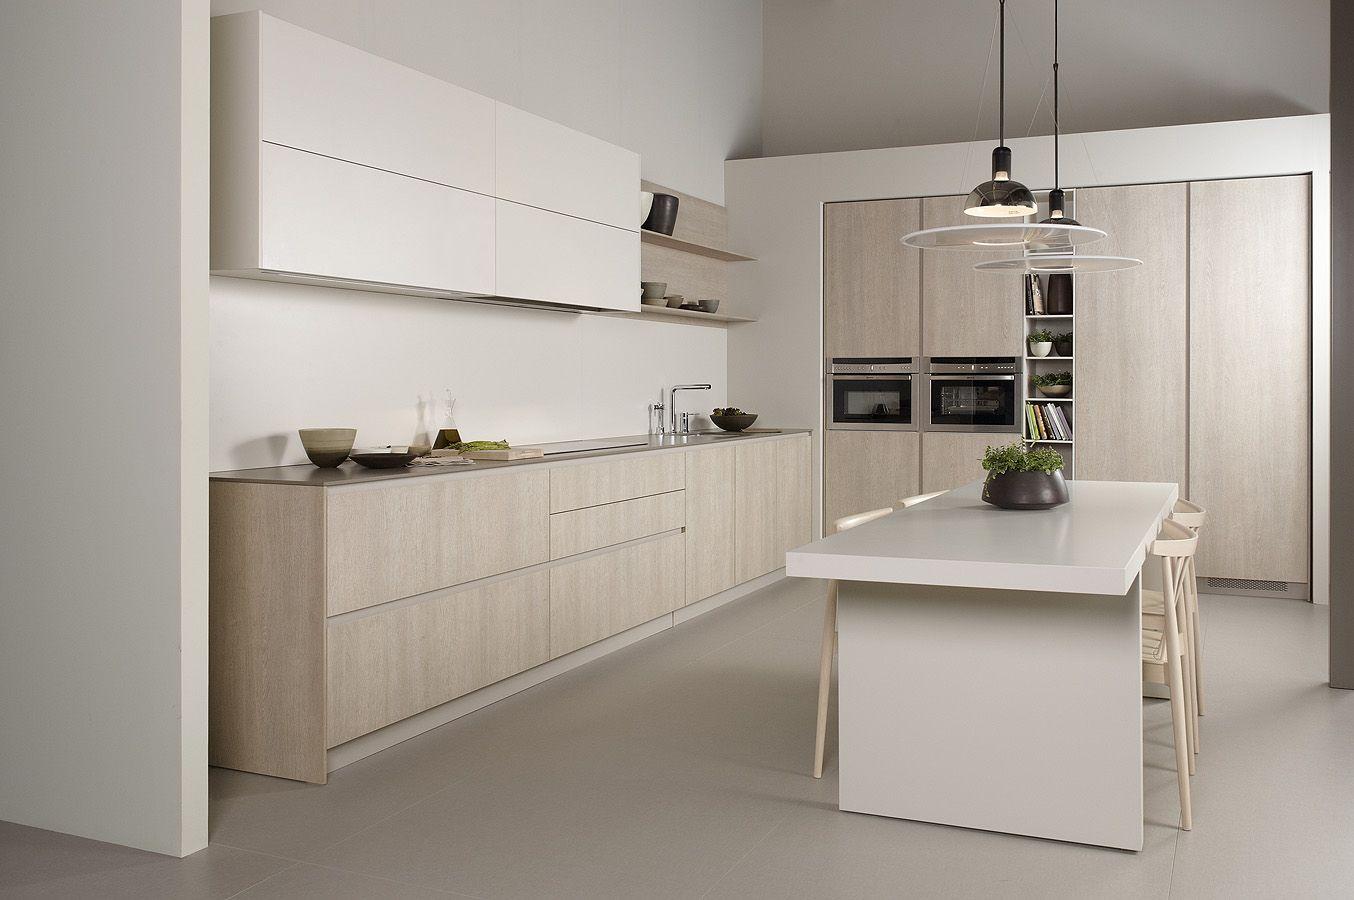 Full Size of Küchen Aktuell Pin Auf House Project Regal Wohnzimmer Küchen Aktuell